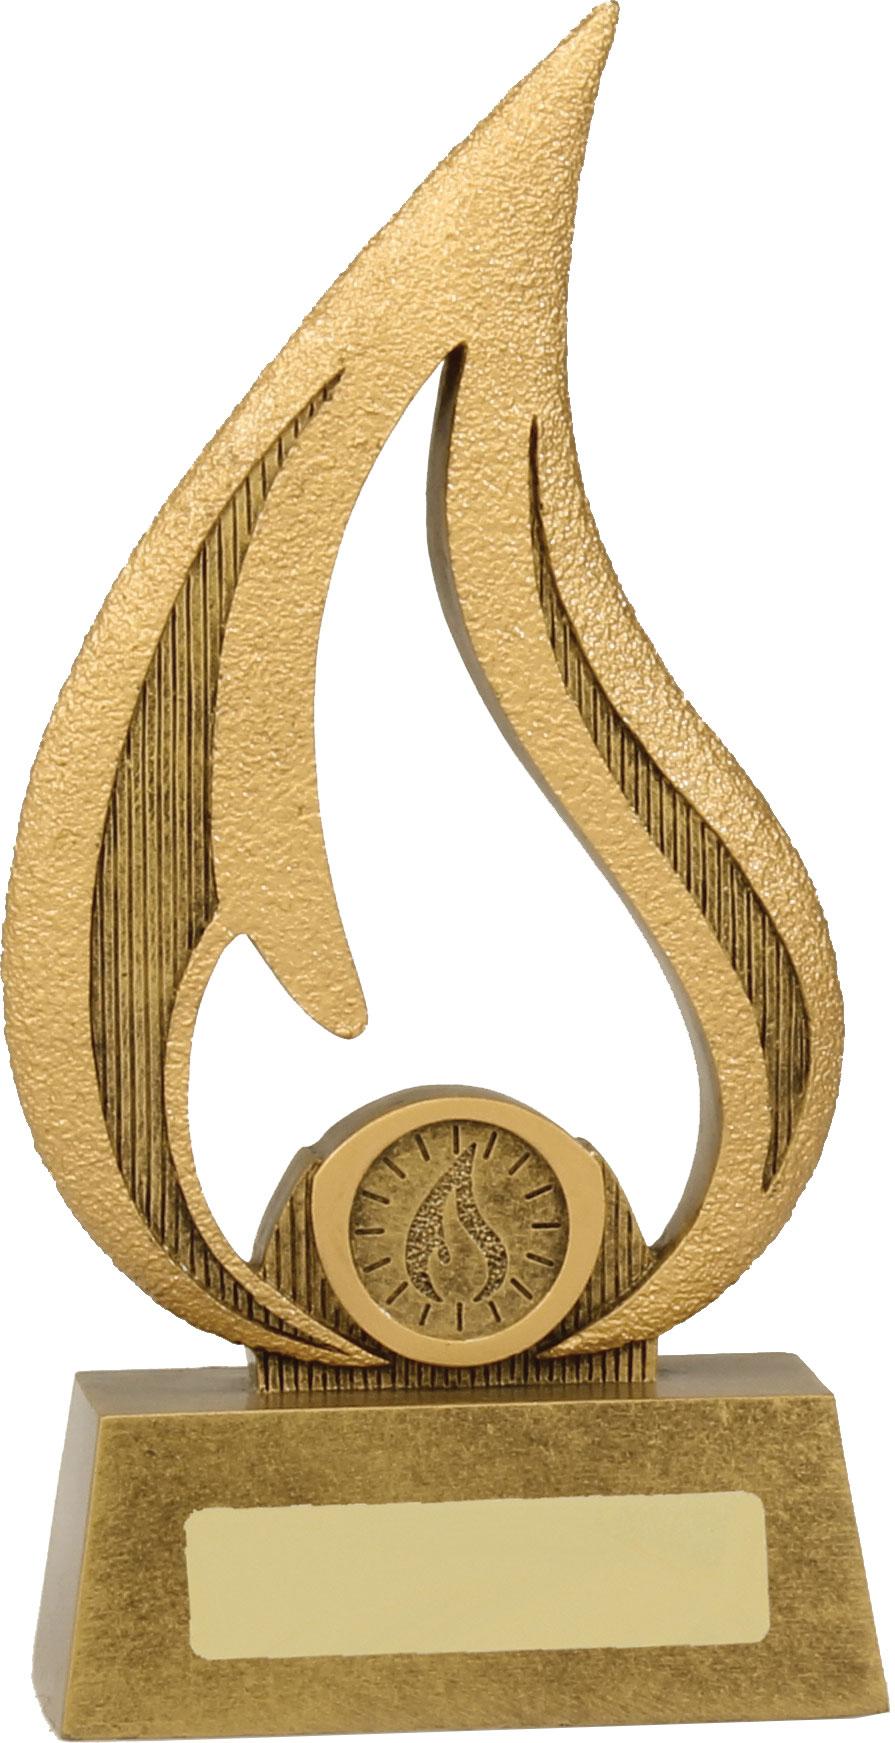 Academic Trophies Trophy A1825C 210mm